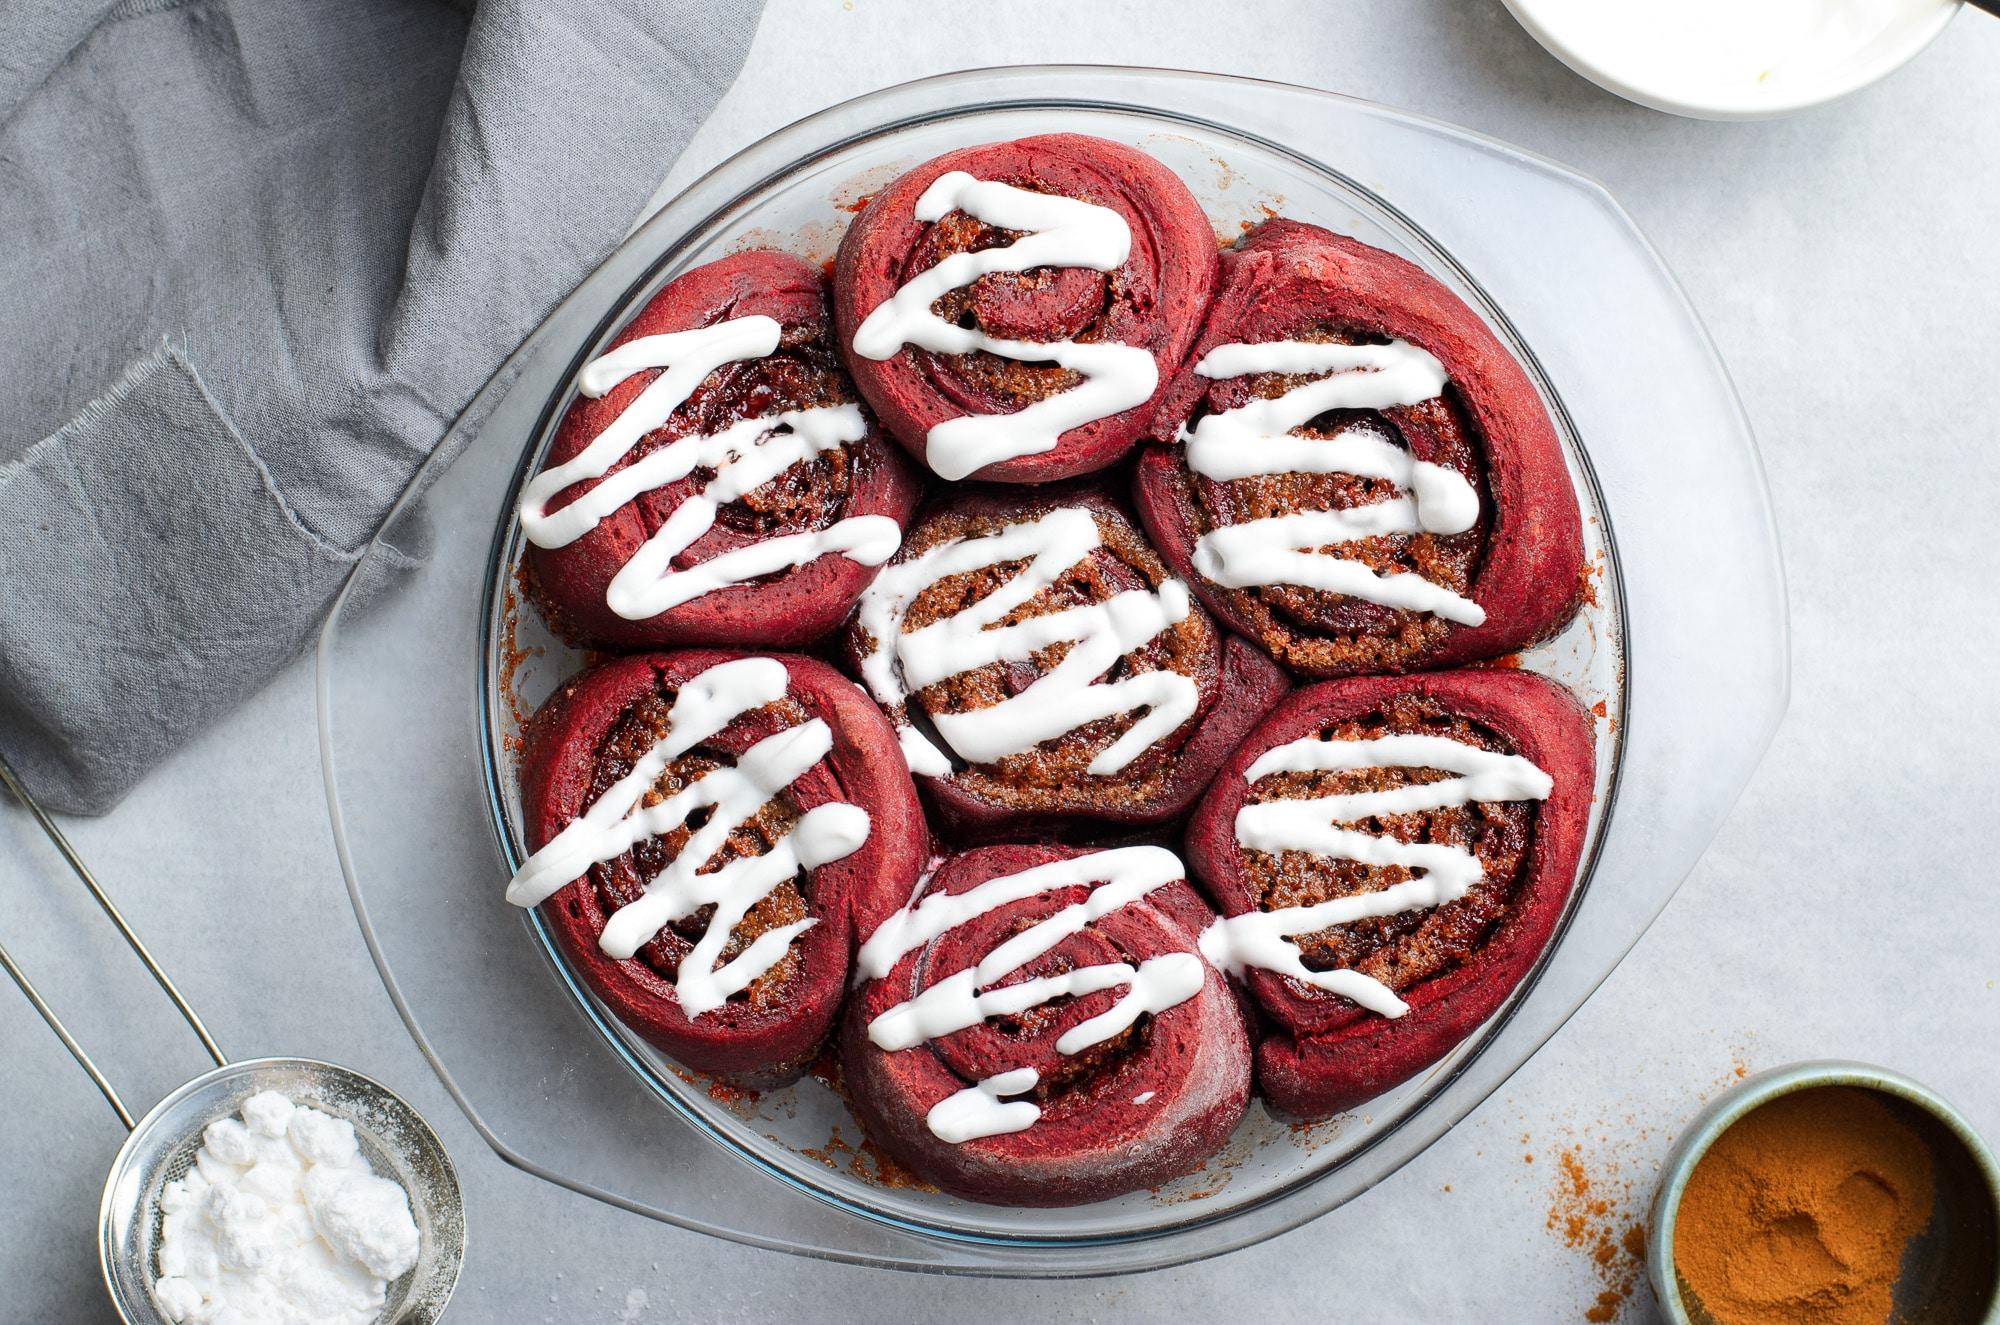 red velvet cinnamon rolls in glass baking dish